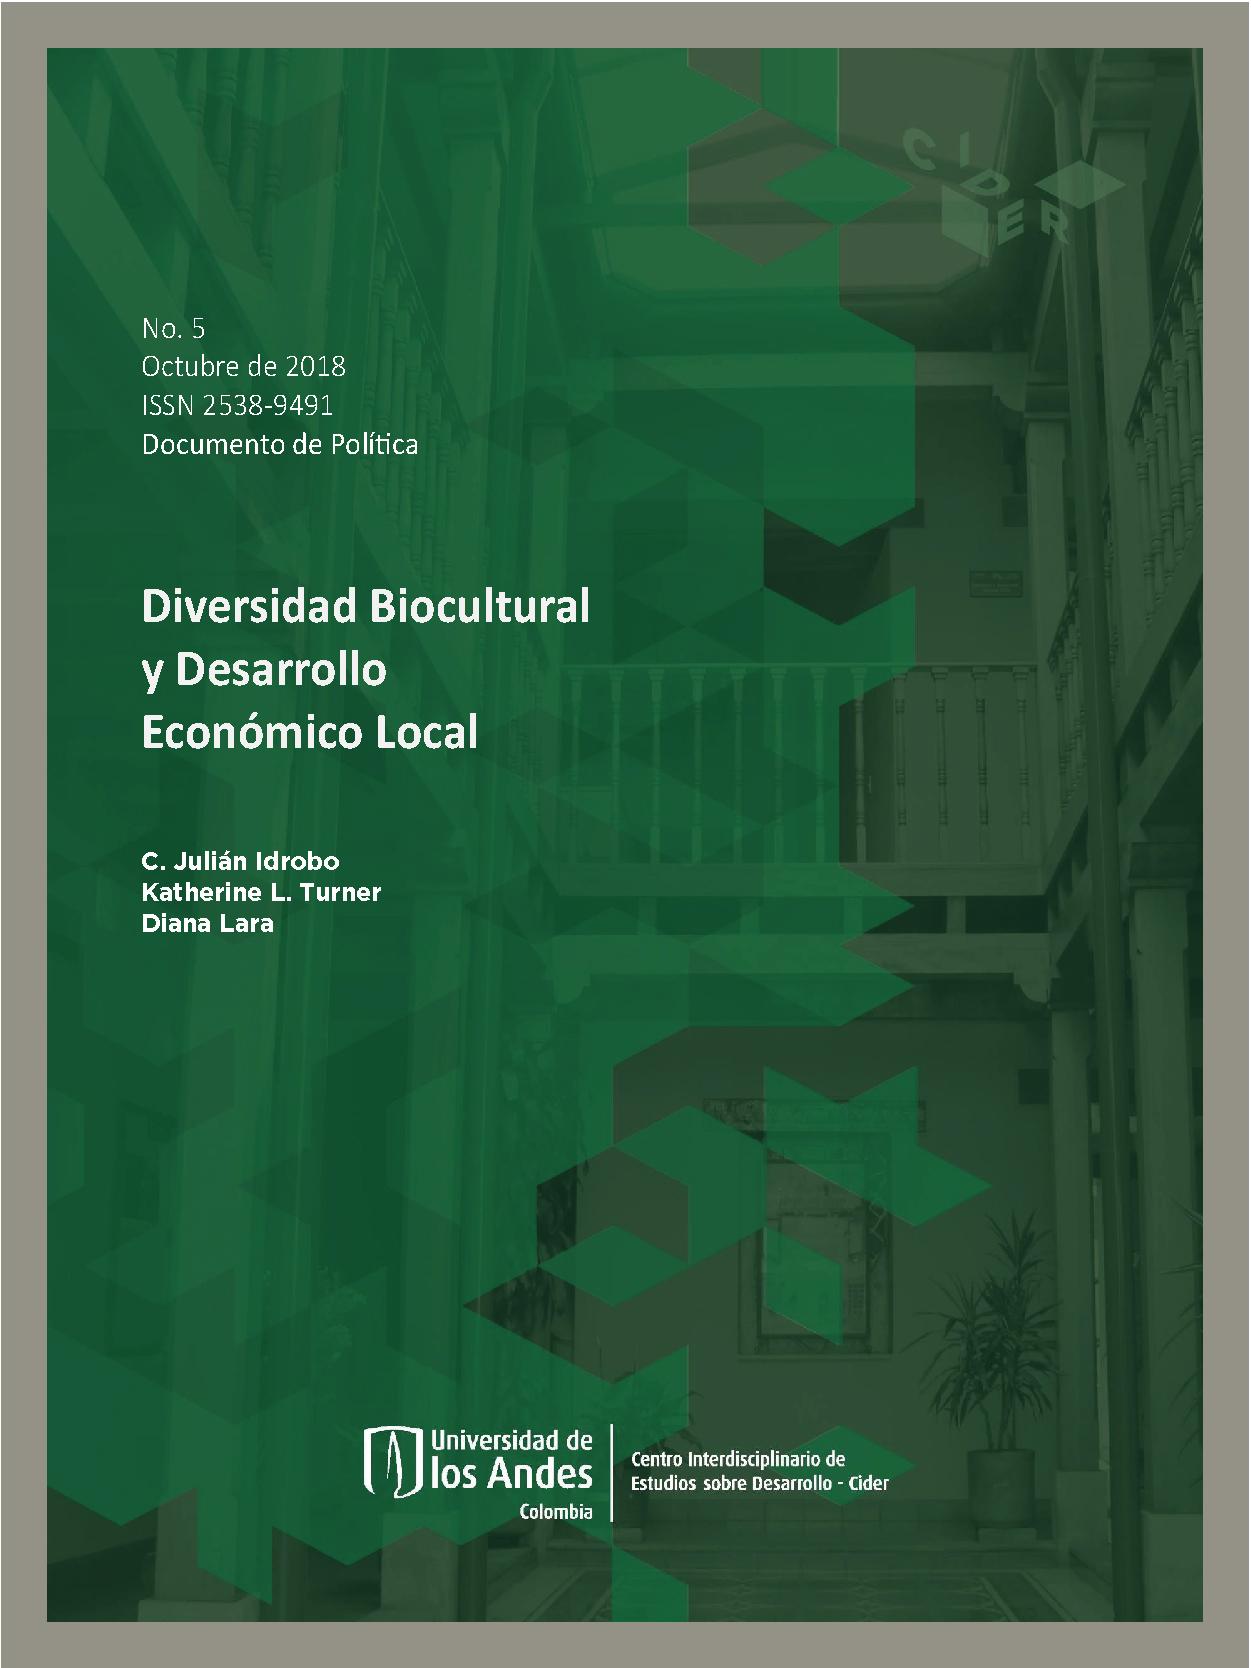 Documento de Política Diversidad Biocultural y Desarrollo Económico Local.